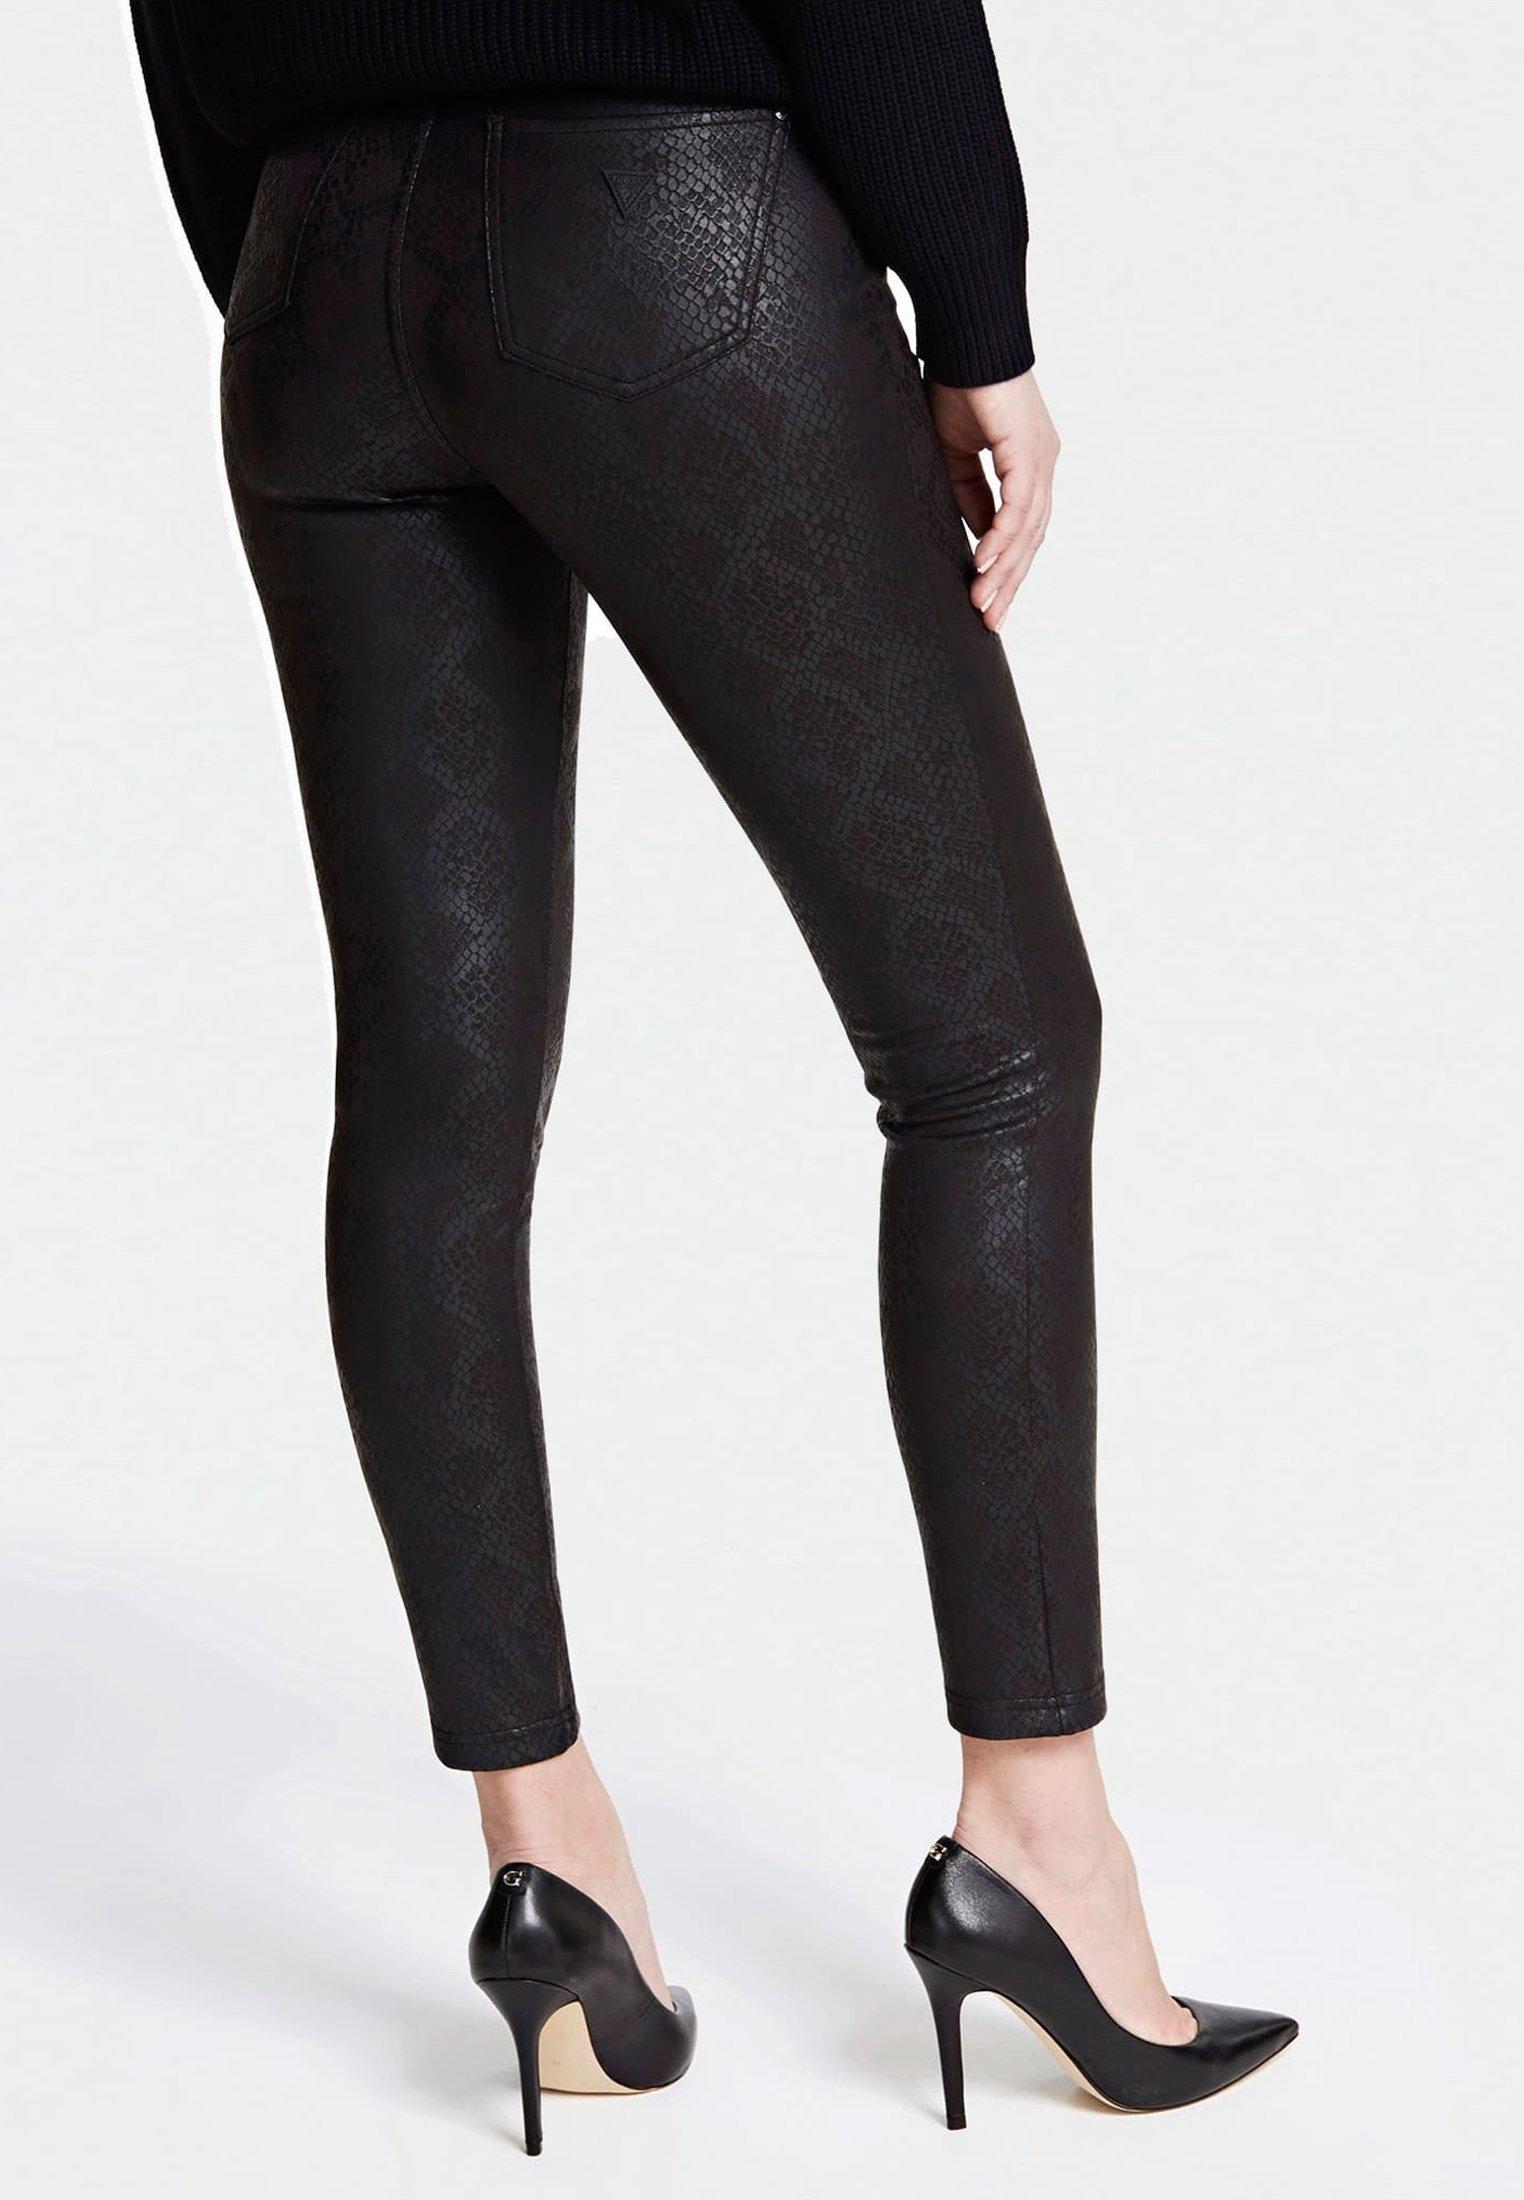 Guess HOSE PYTHON-OPTIK - Jeans Skinny - mehrfarbig schwarz - Jeans Femme f1Vru